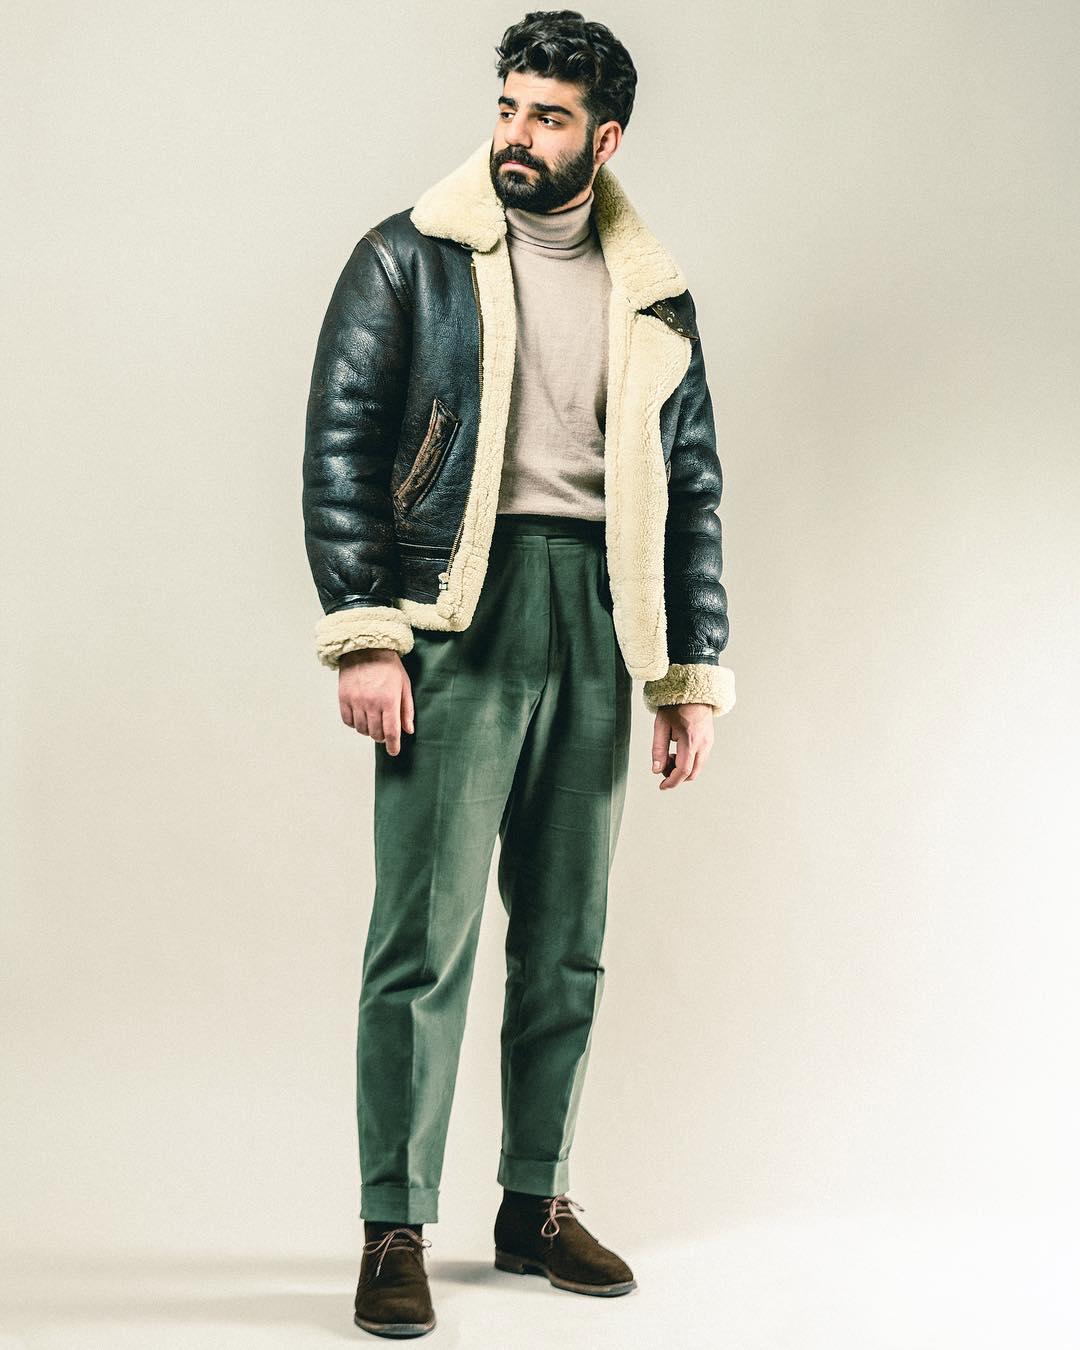 En hiver, vous pouvez oser le bombardier avec un col roulé rentré dans un pantalon taille haute en flanelle. Source : Milad Abedi.